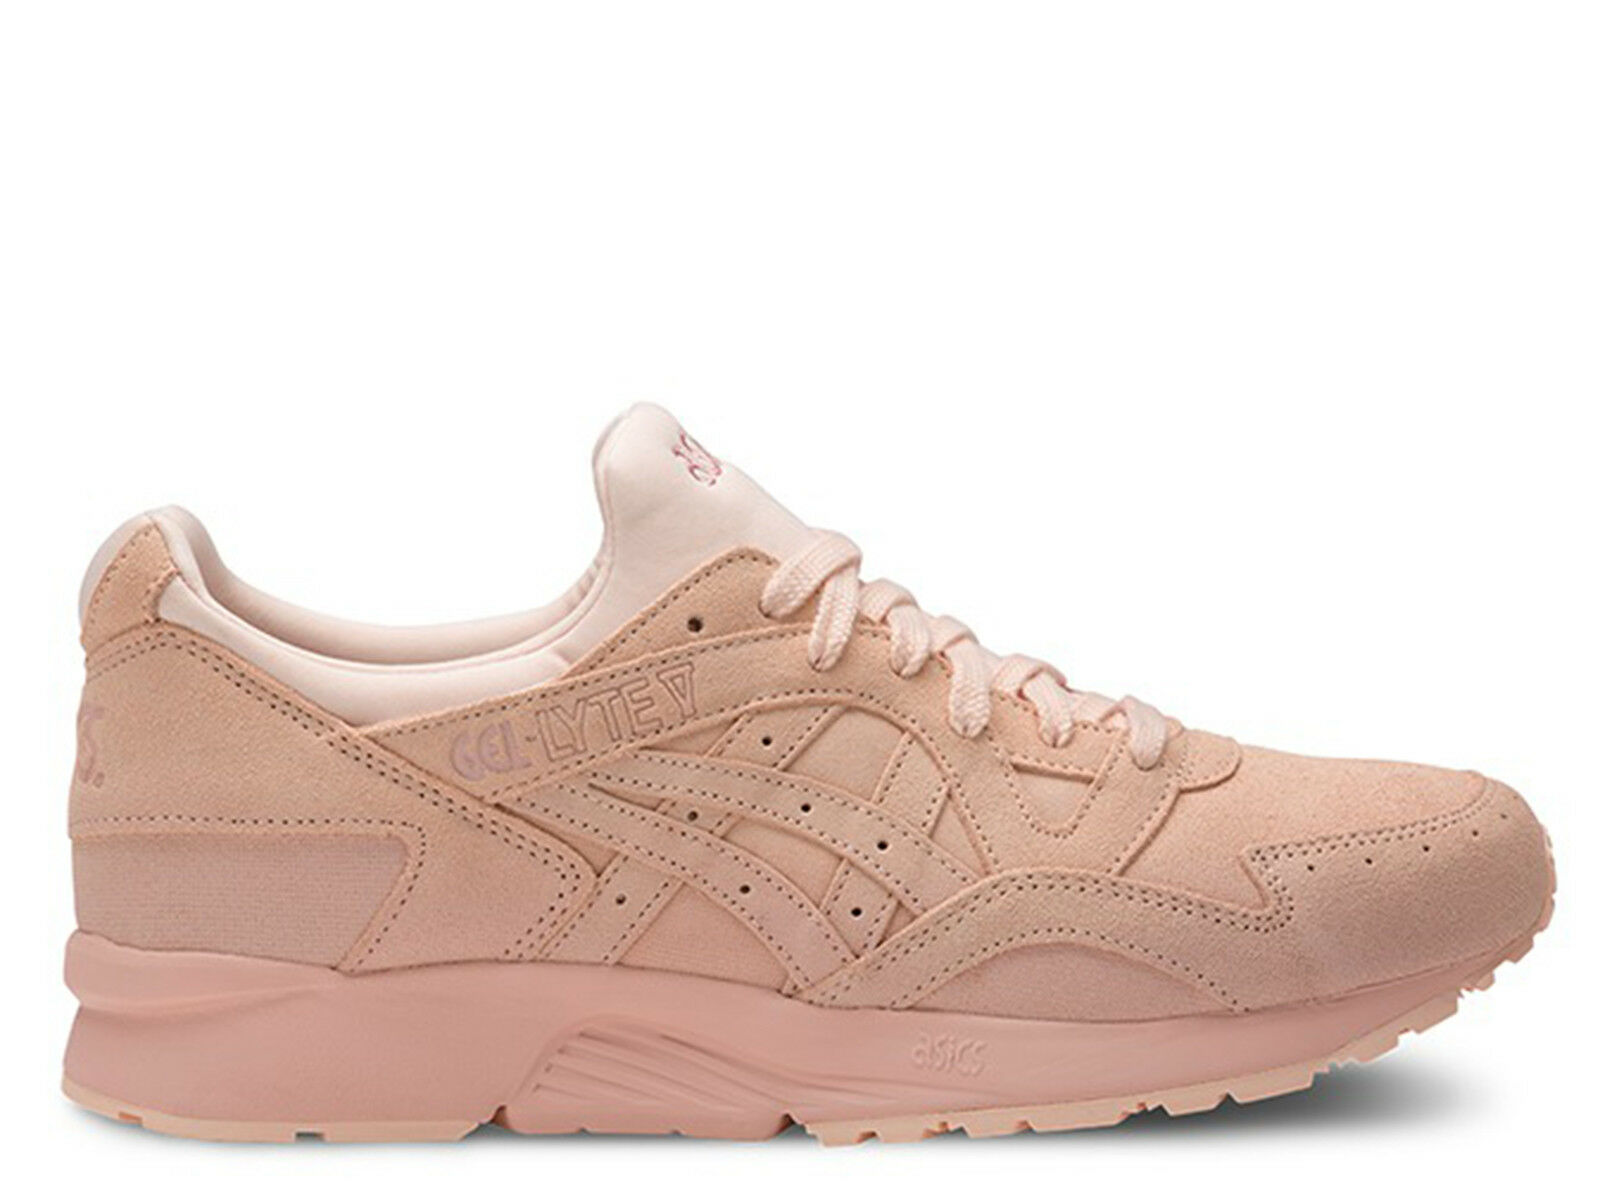 Men's Brand New ASICS Gel-Lyte V Athletic Fashion Sneakers